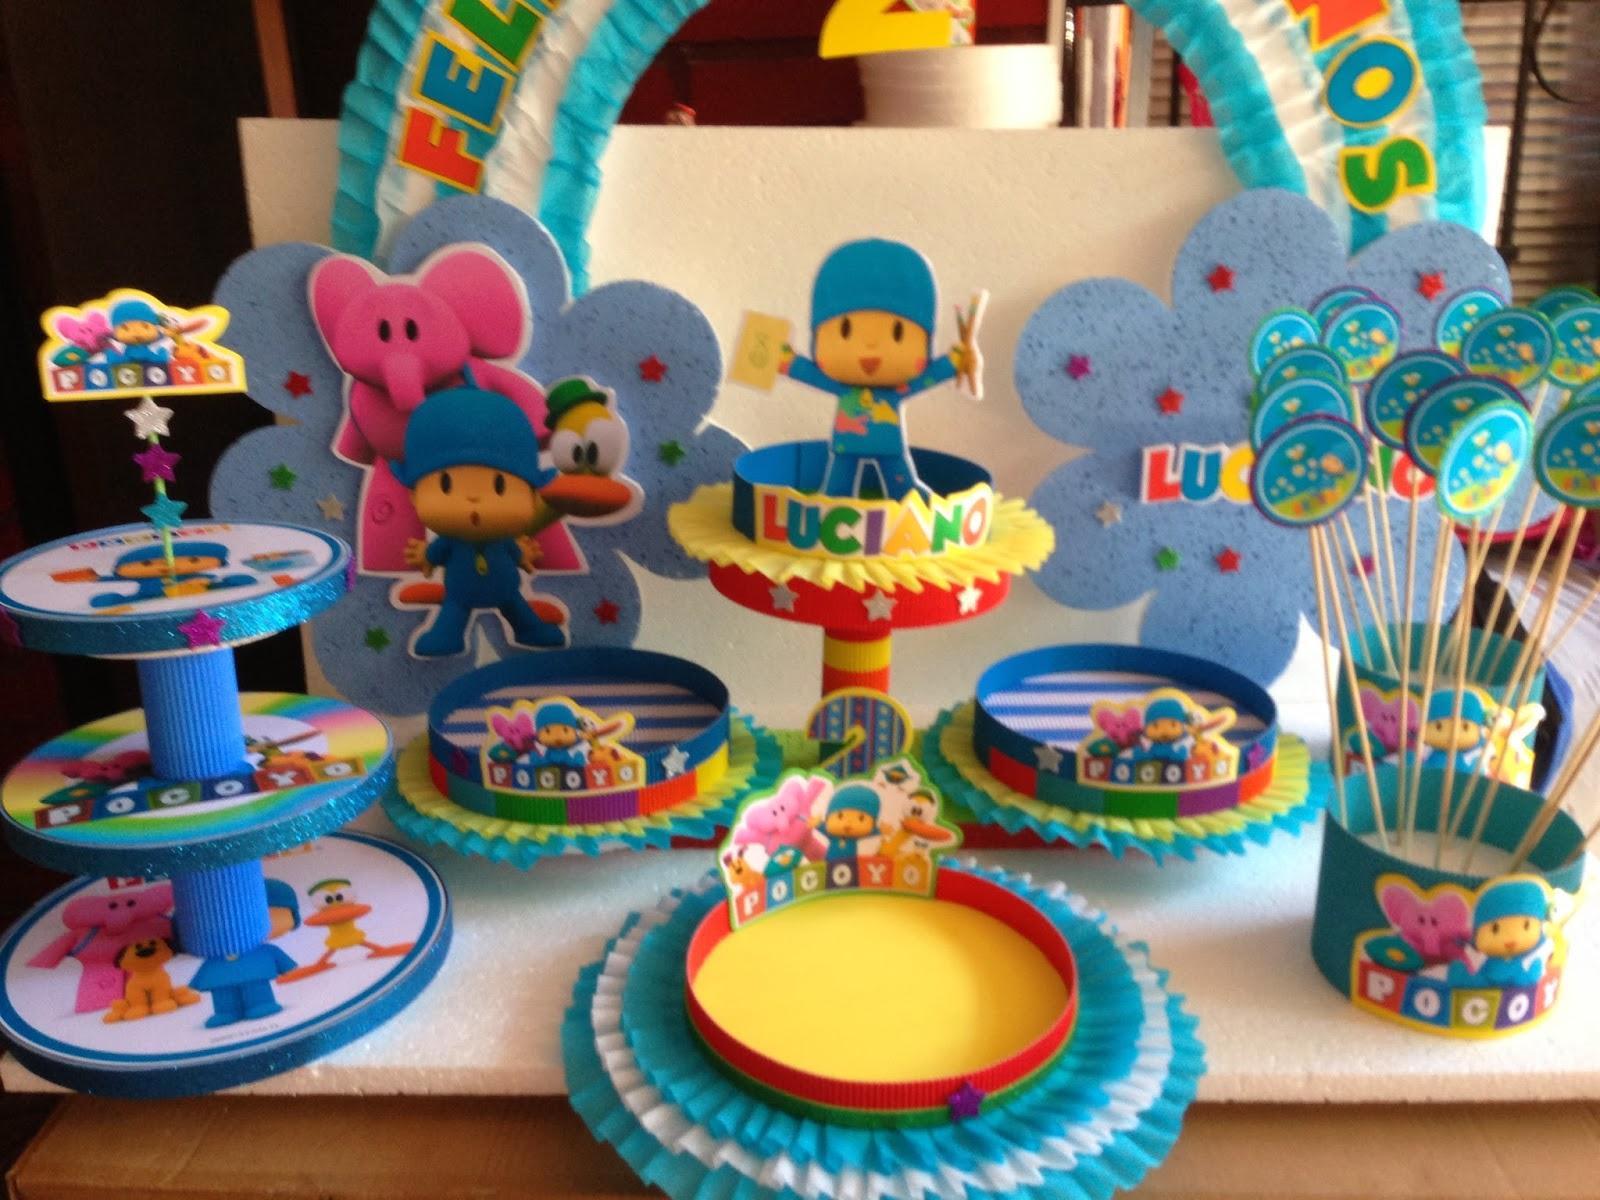 Decoraciones infantiles enero 2014 for Decoraciones infantiles